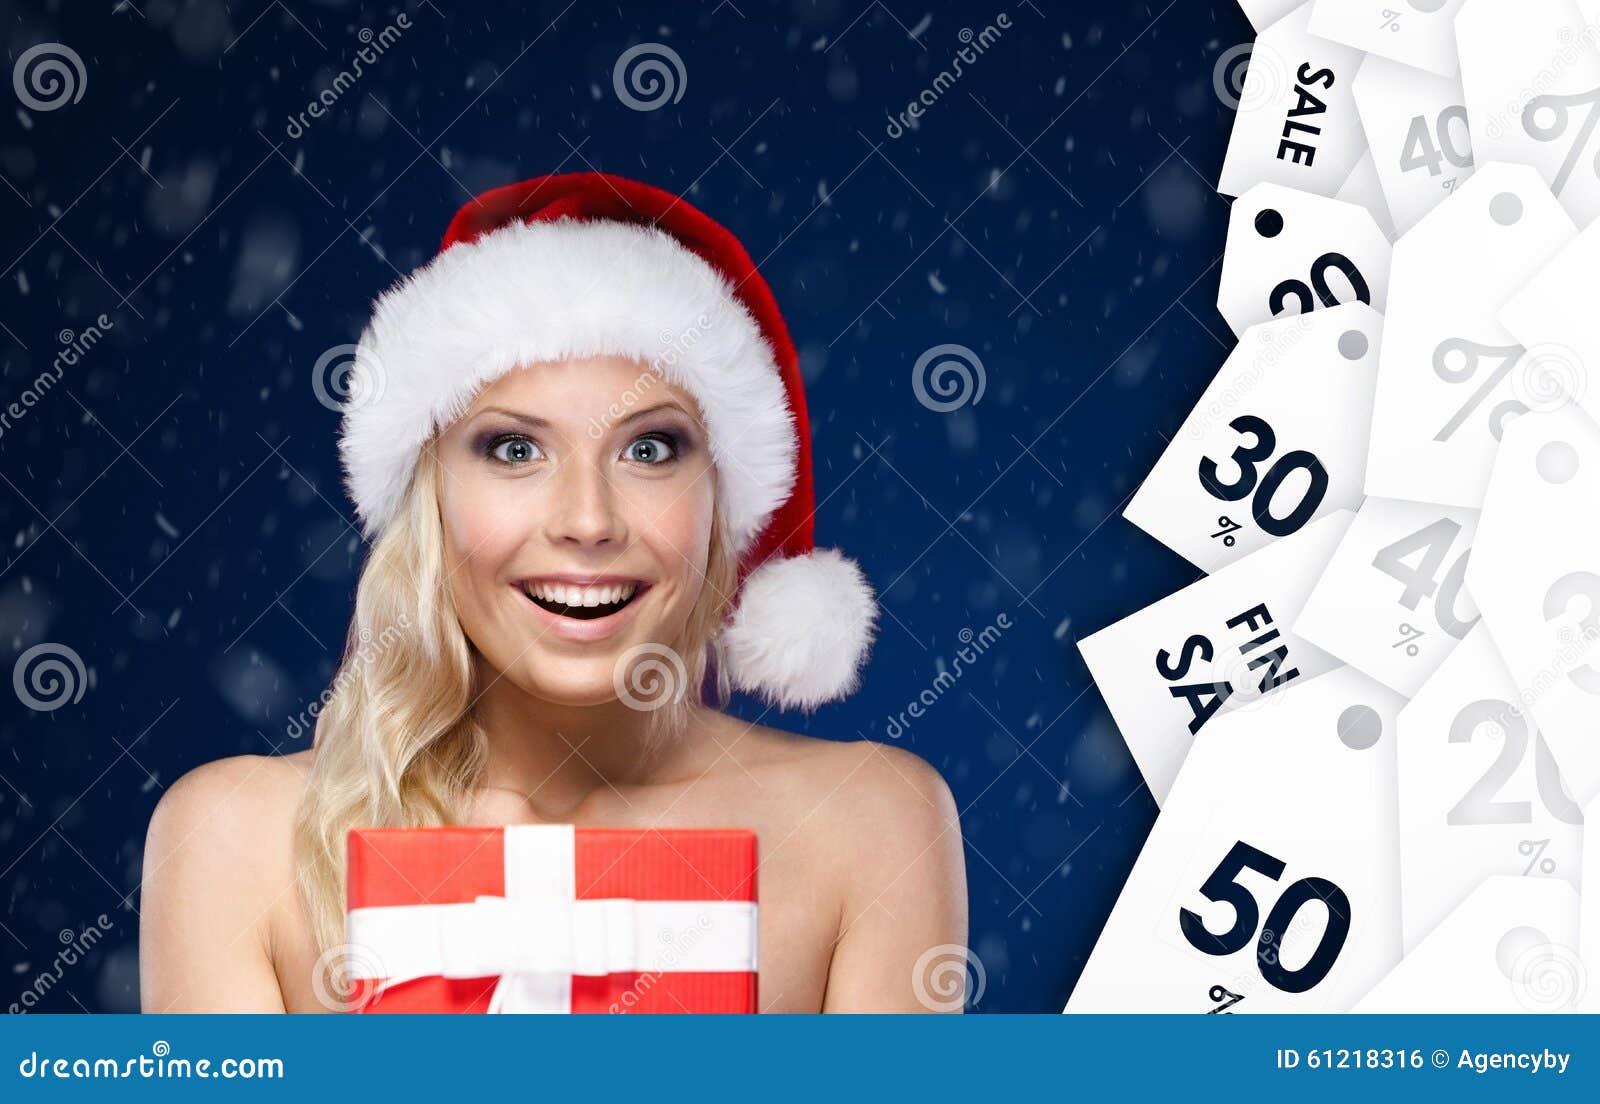 Hübsche Frau in der Weihnachtskappe übergibt das Geschenk, das mit rotem Papier eingewickelt wird